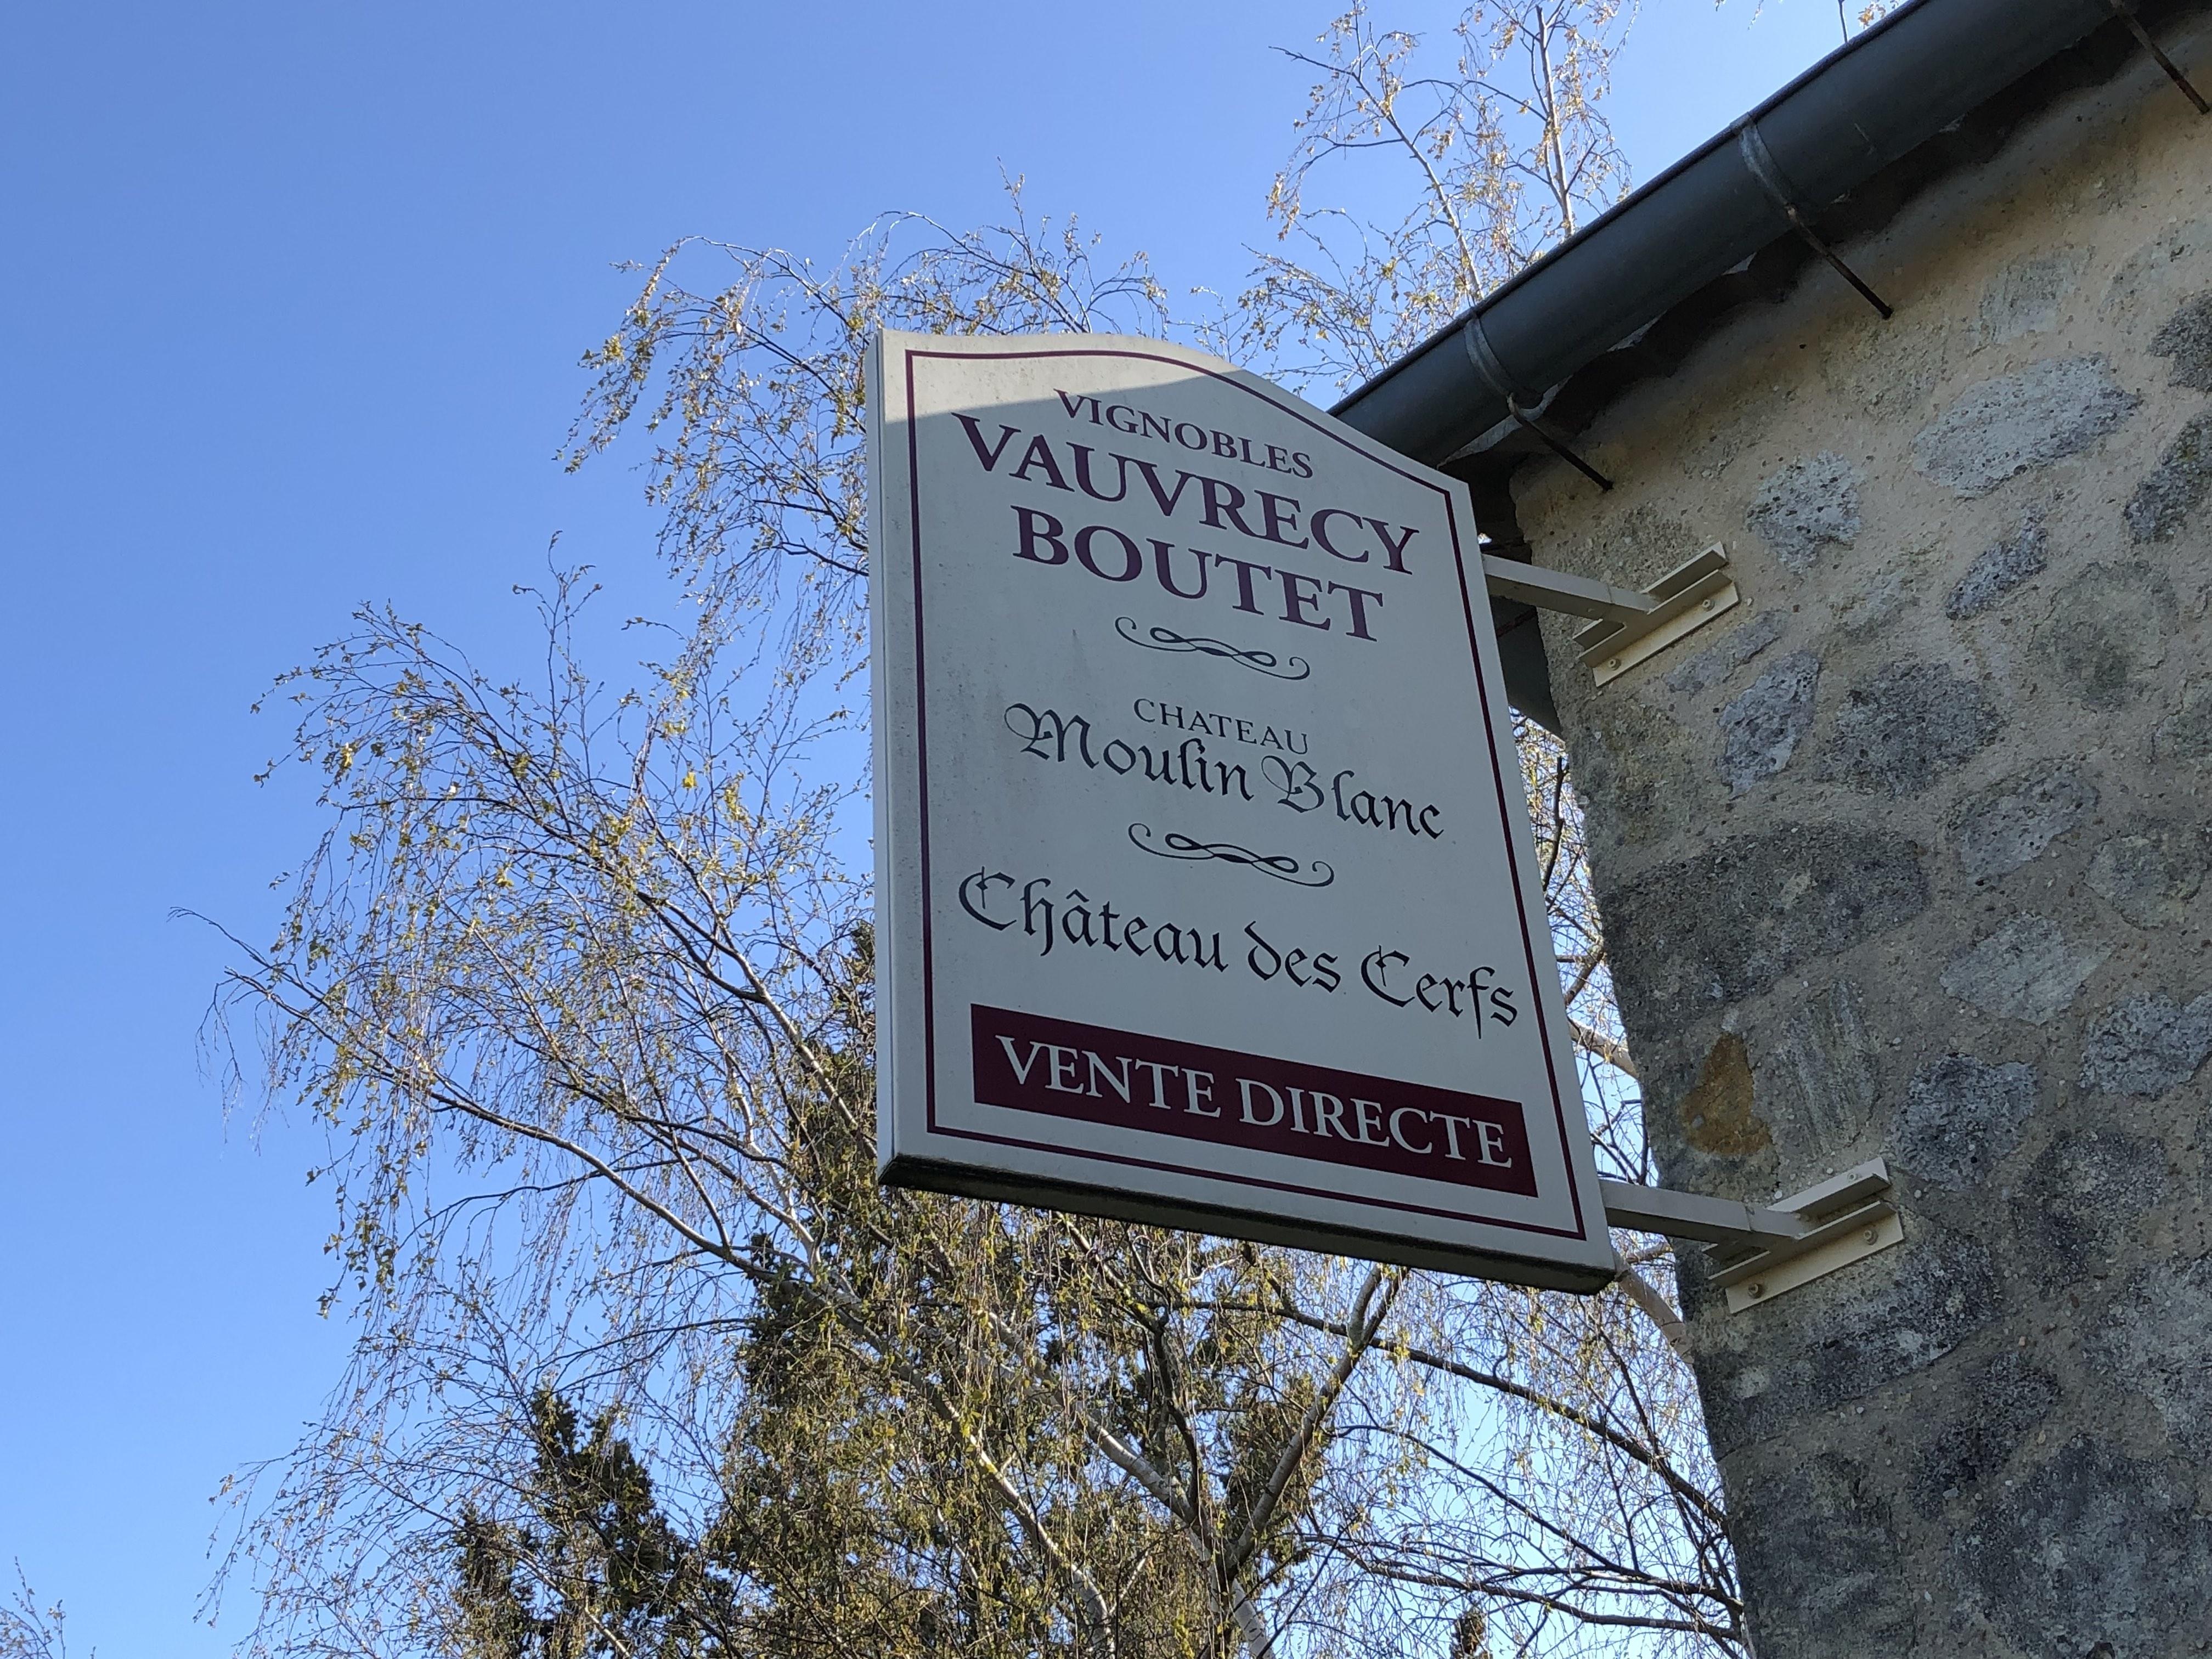 Vauvrecy-Boutet : un viticulteur heureux de son CLIPOGOULO personnalisé !